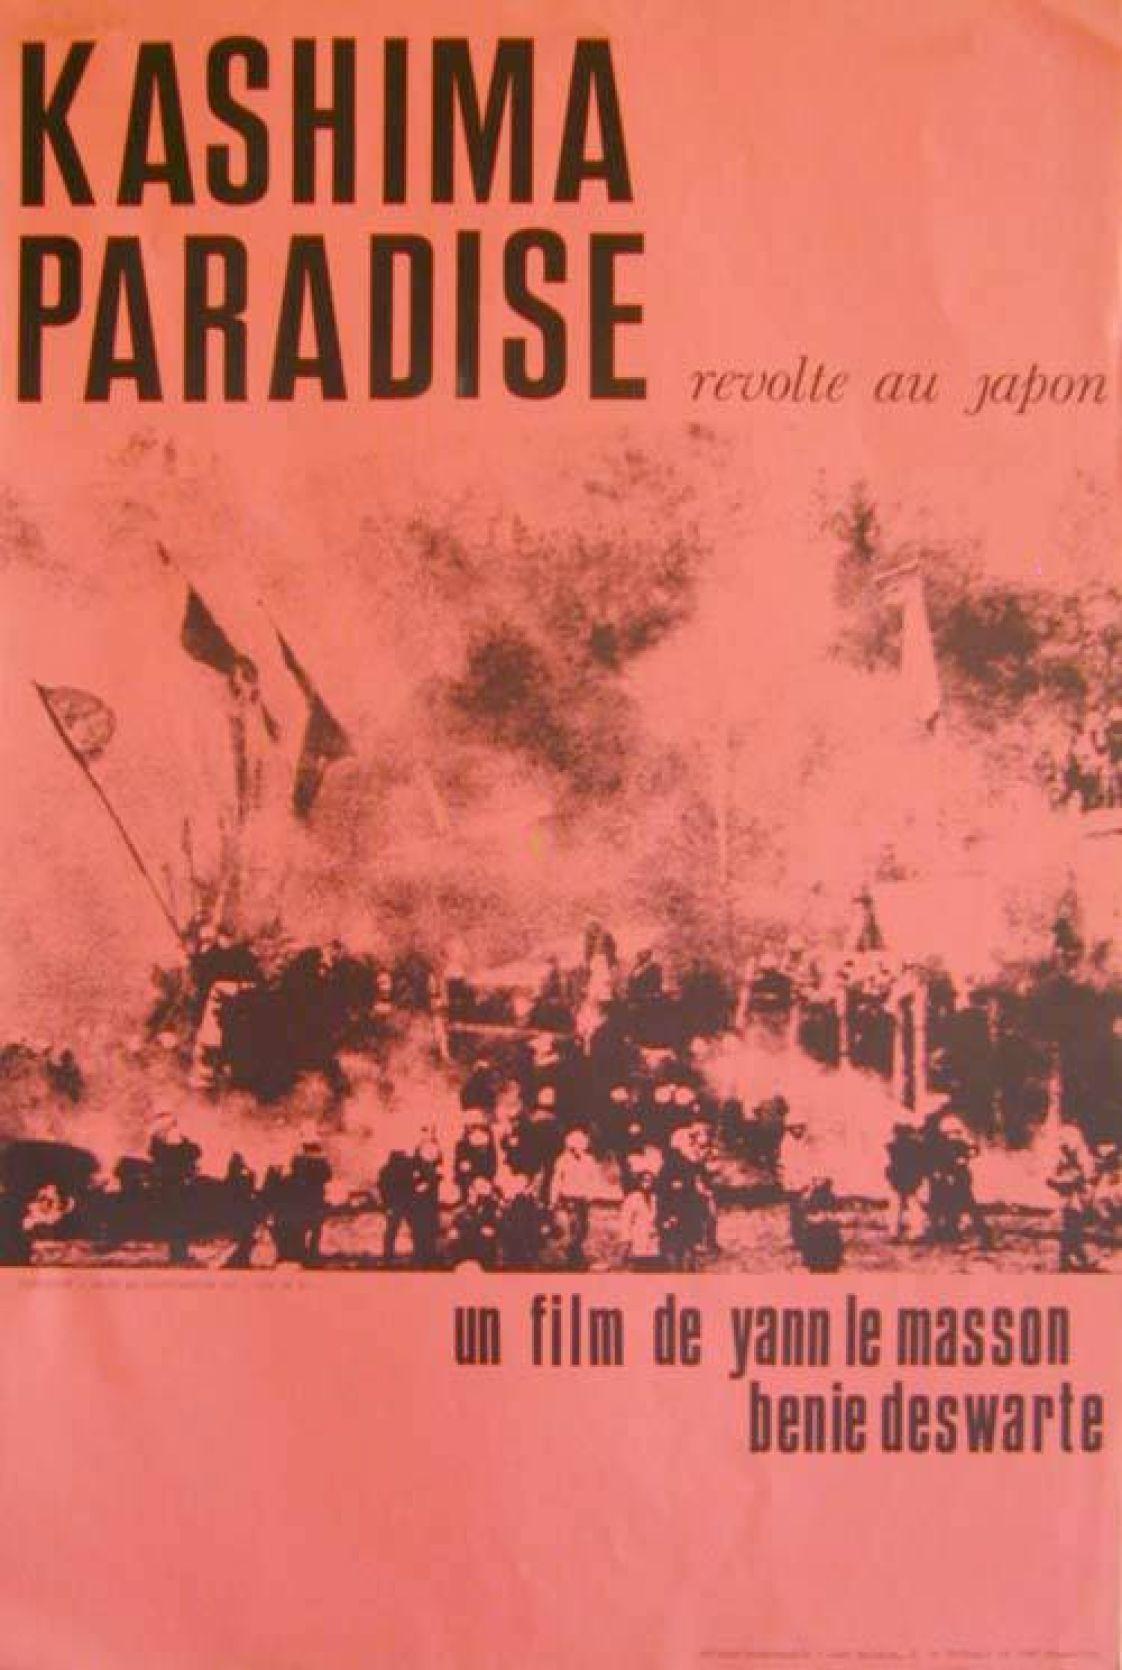 В 1973 году на экраны вышел документальный фильм известного французского фотографа и режиссёра Яна Ле Массона